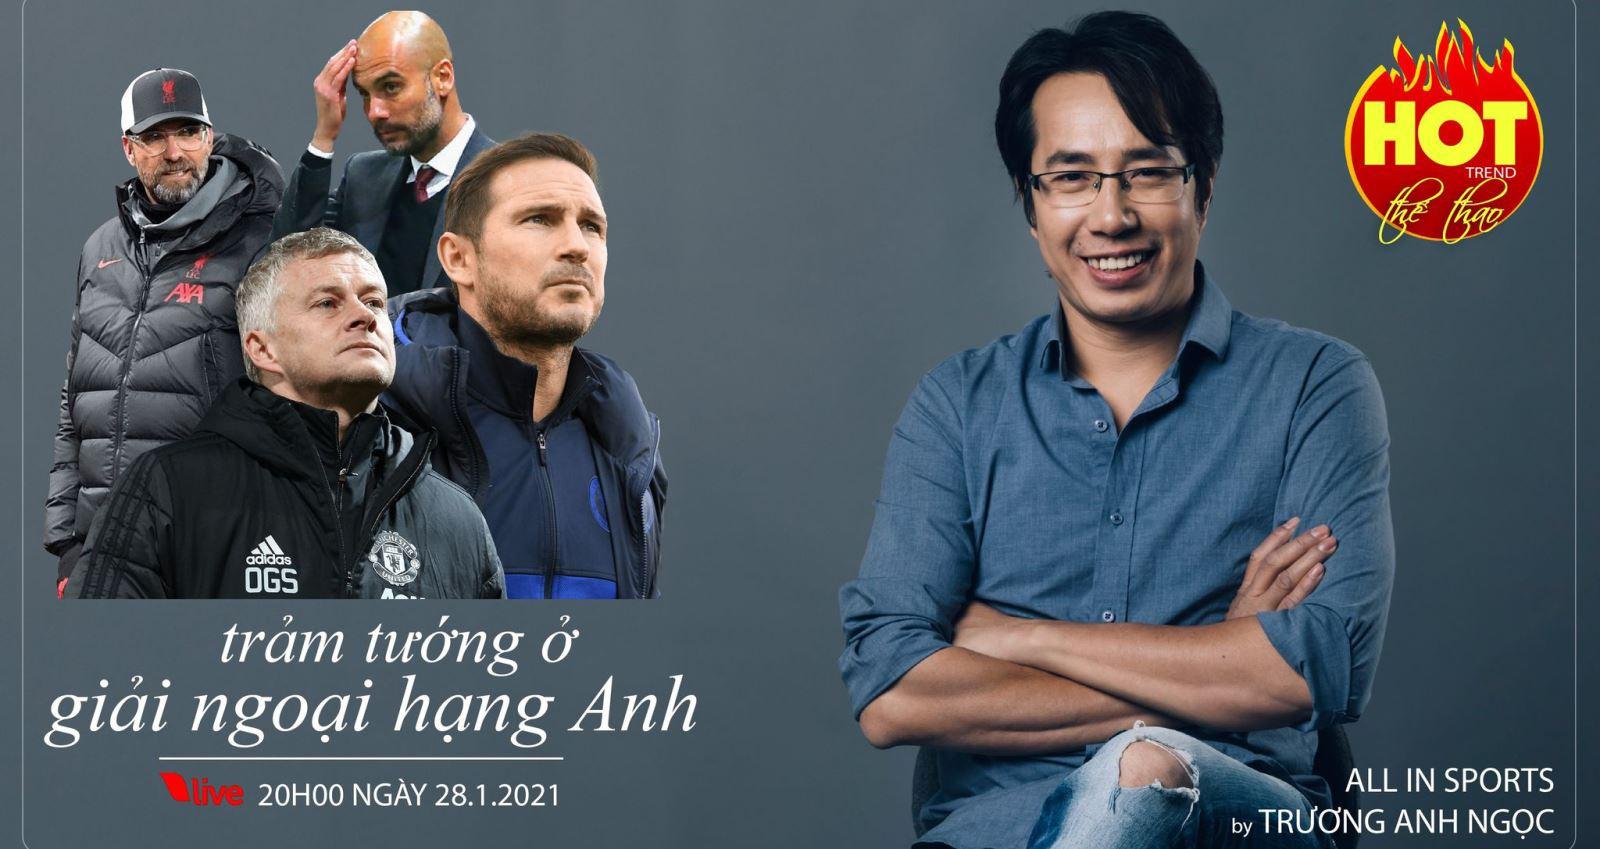 bóng đá, BLV Anh Ngọc, Lampard, Chelsea, lịch thi đấu, bóng đá anh, ngoại hạng anh, hot trend